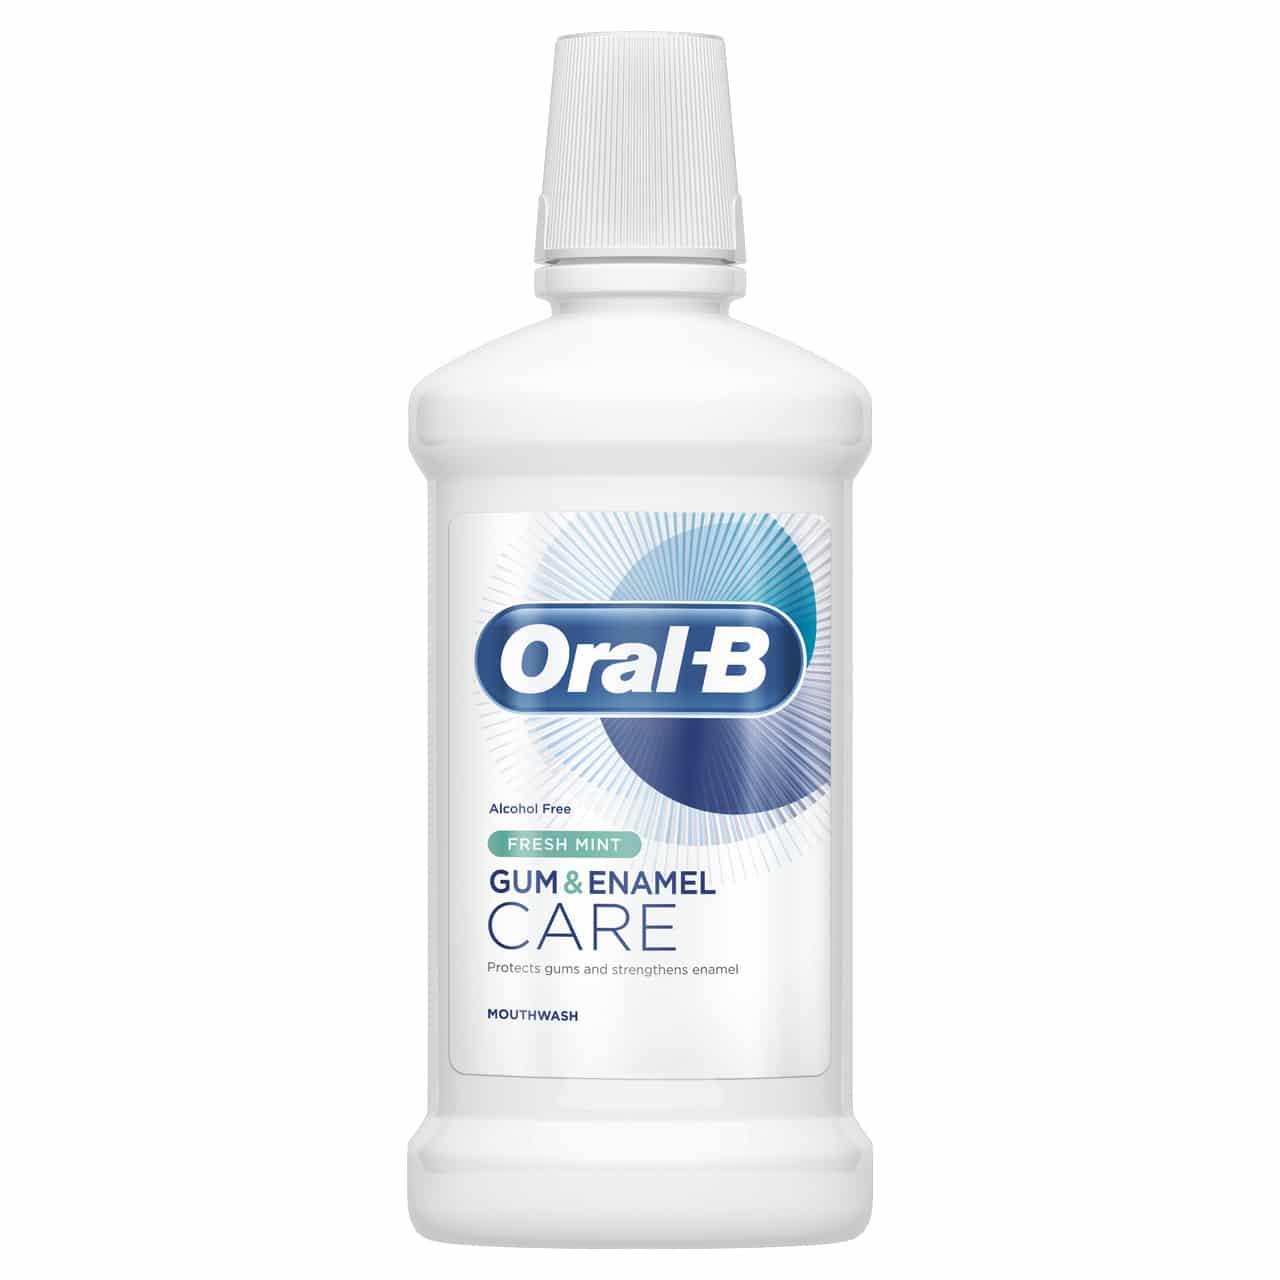 ORAL B MOUTHWASH GUM & ENAMEL FRESHMINT (500ML)